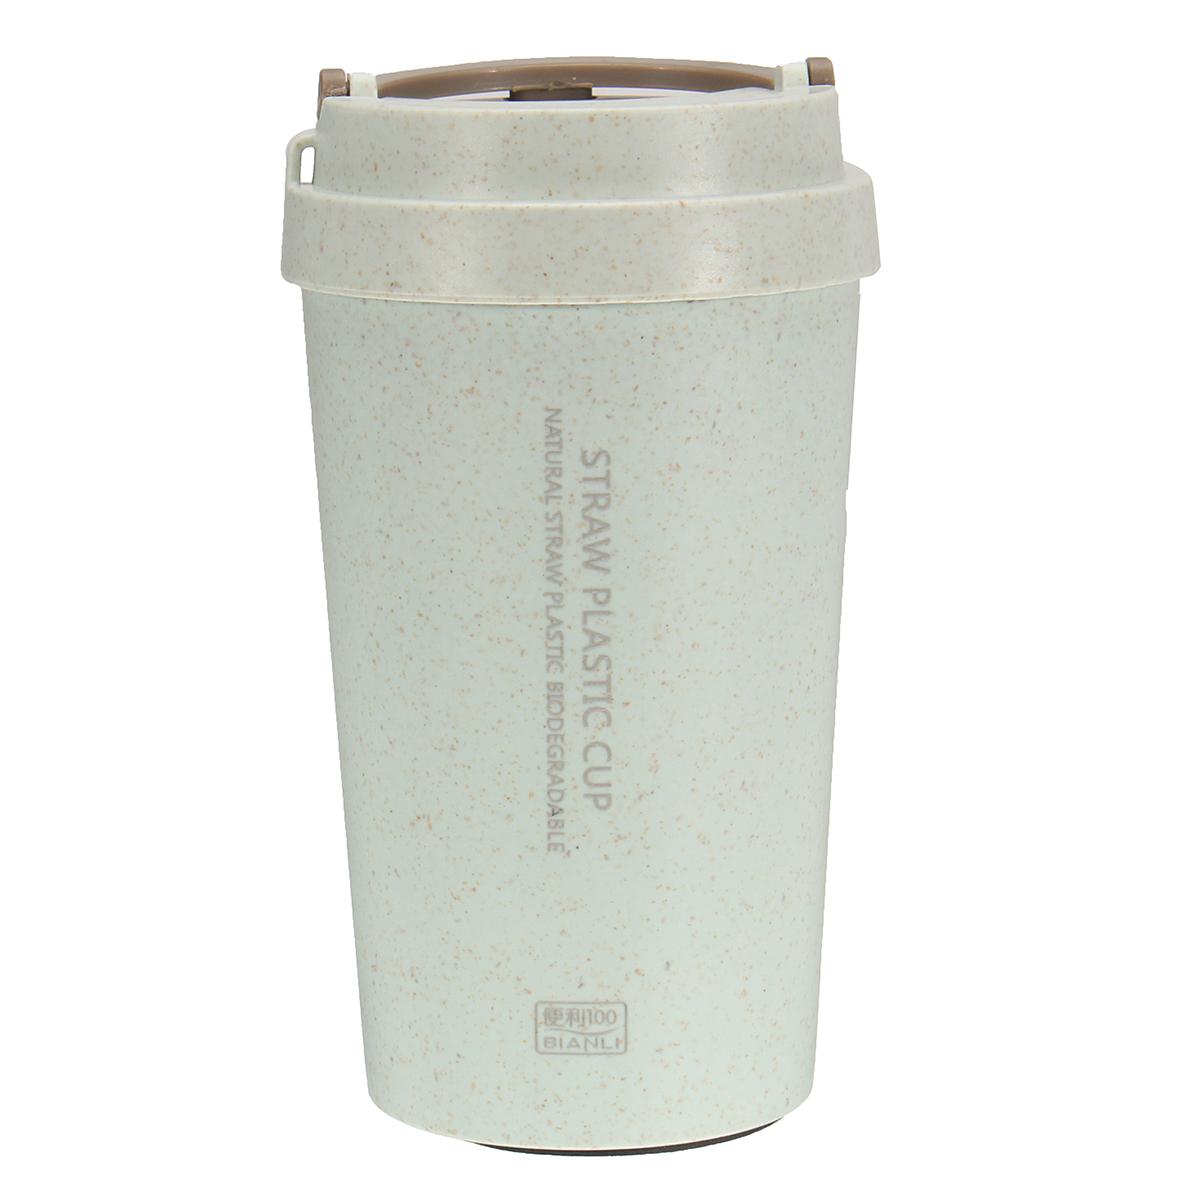 400LПшеничнаясоломеннаяпортативнаядвухстеннаявакуумная бутылка с чашкой кофе с изоляцией